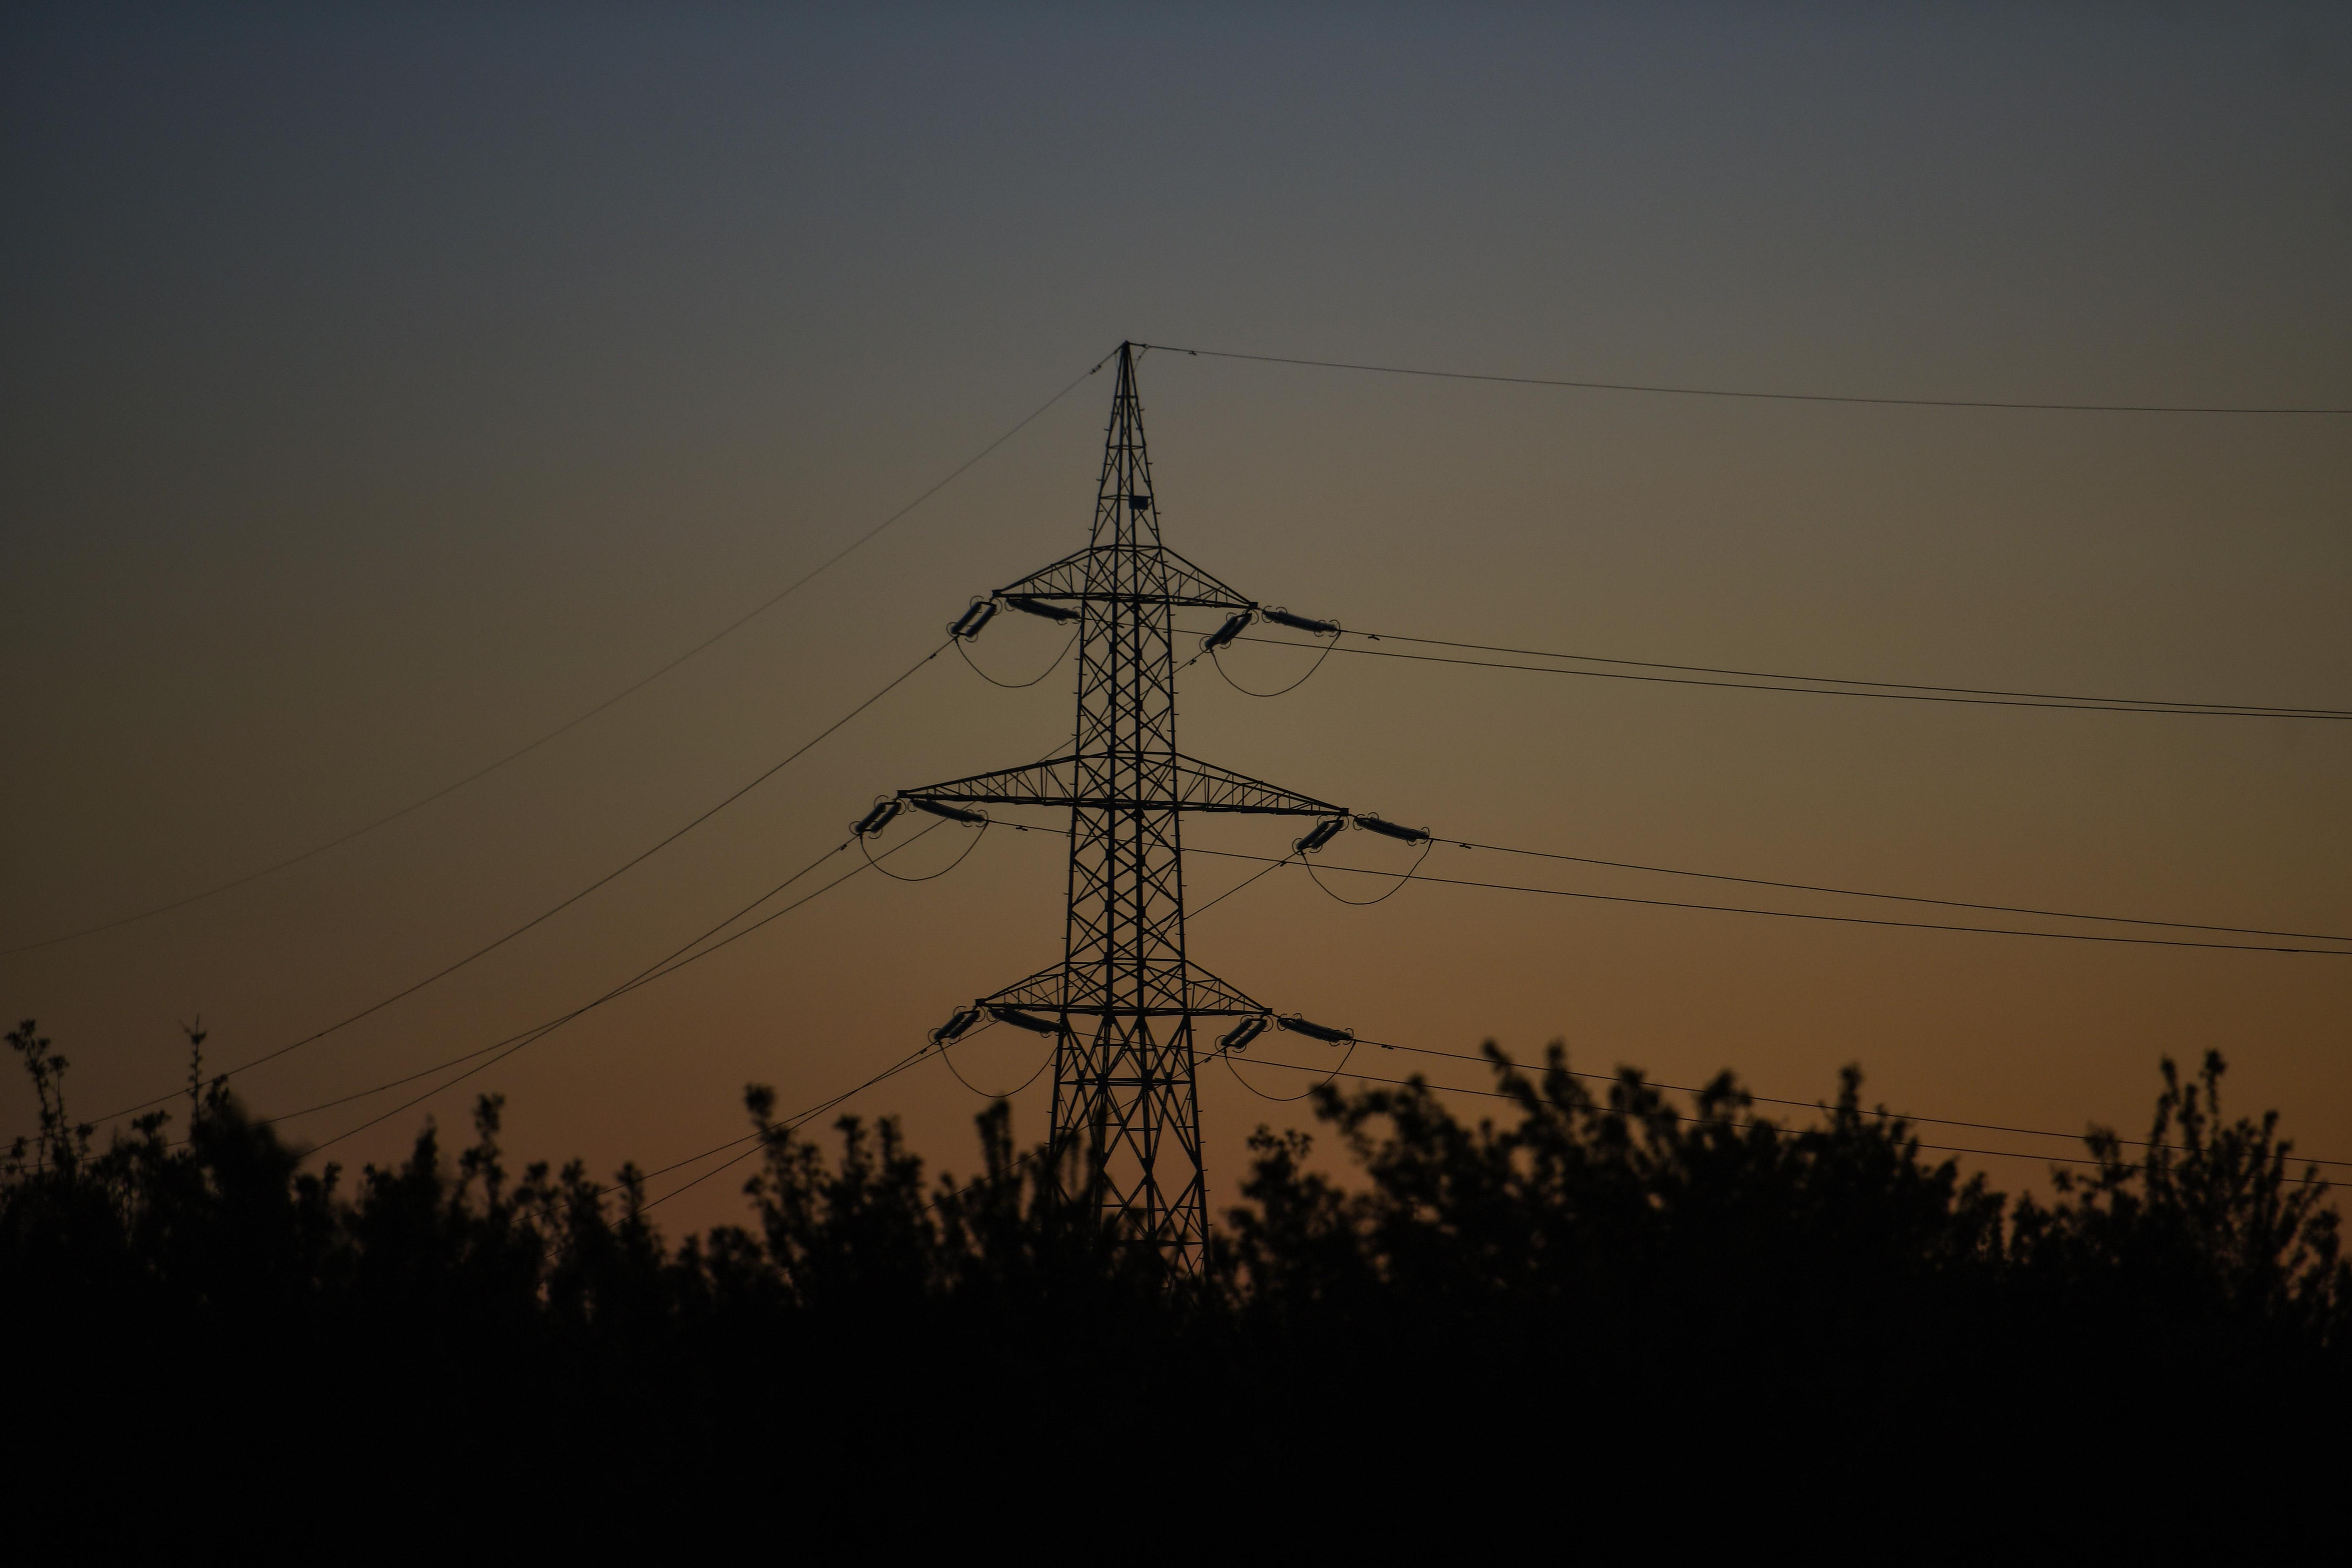 Alimentarea cu energie electrică va fi întreruptă temporar în zone din Bucureşti şi din judeţele Ilfov şi Giurgiu